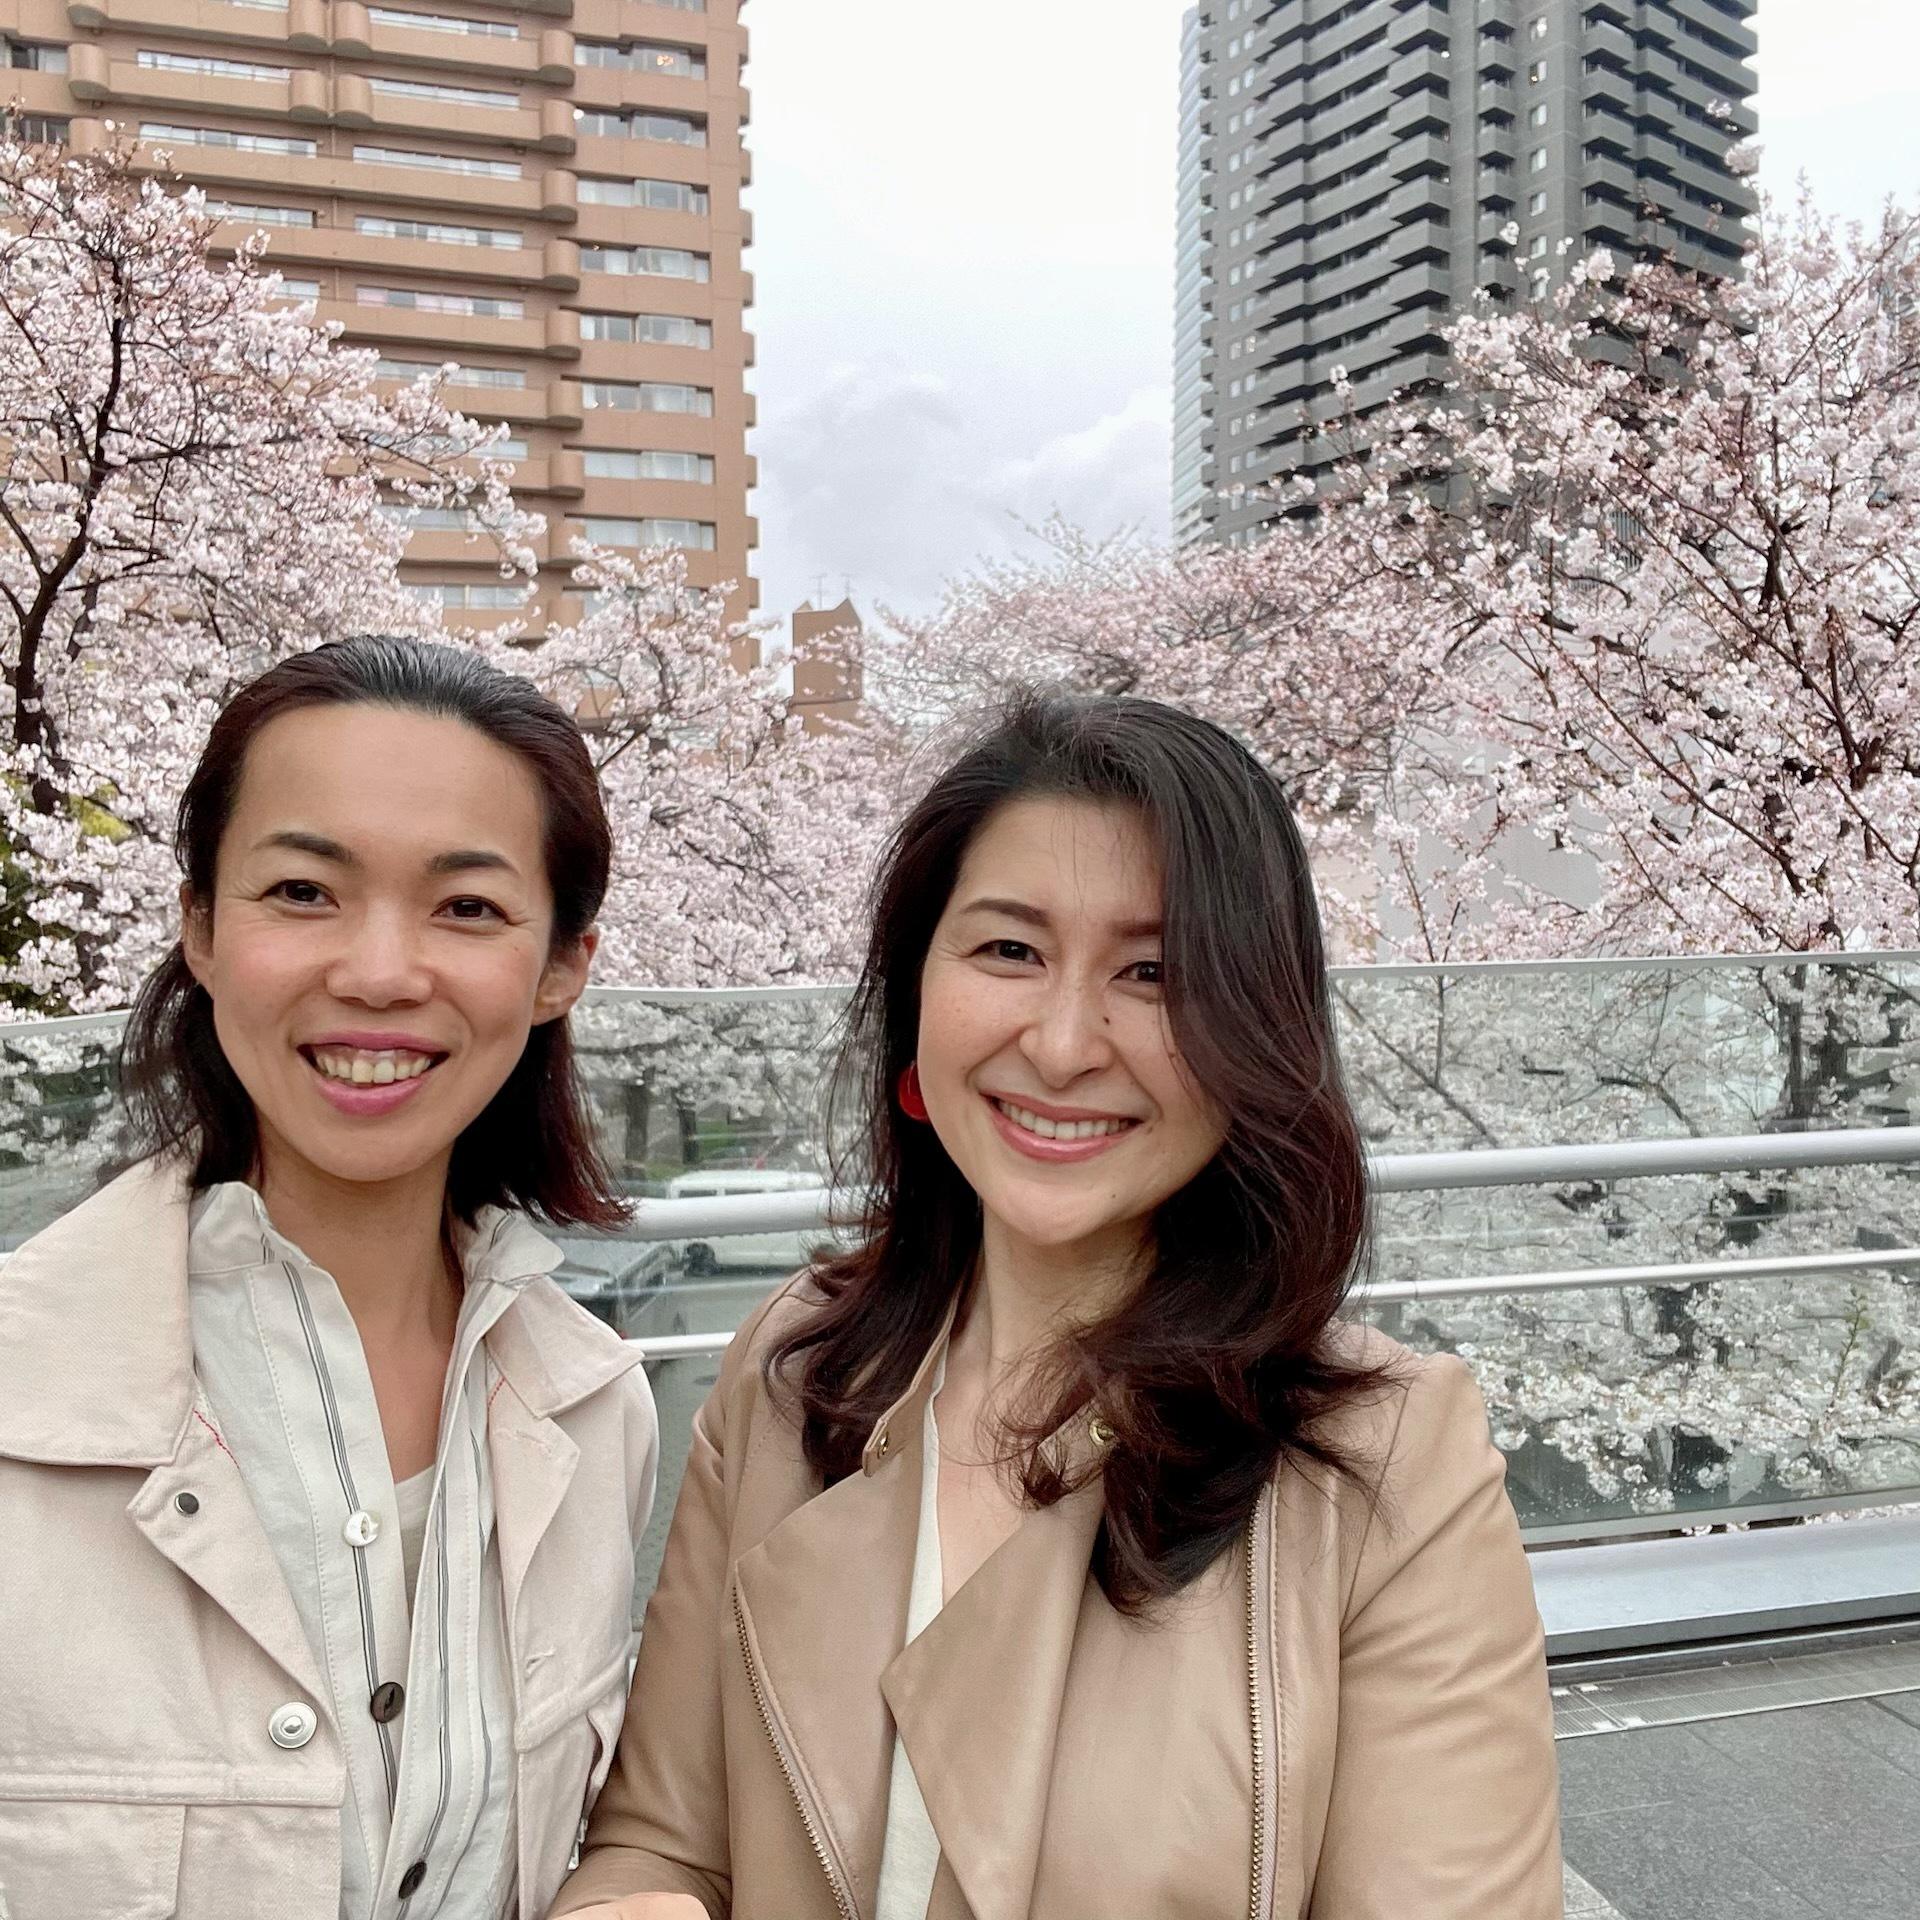 マリソル美女組かっきーちゃんと私が一緒に写った顔写真